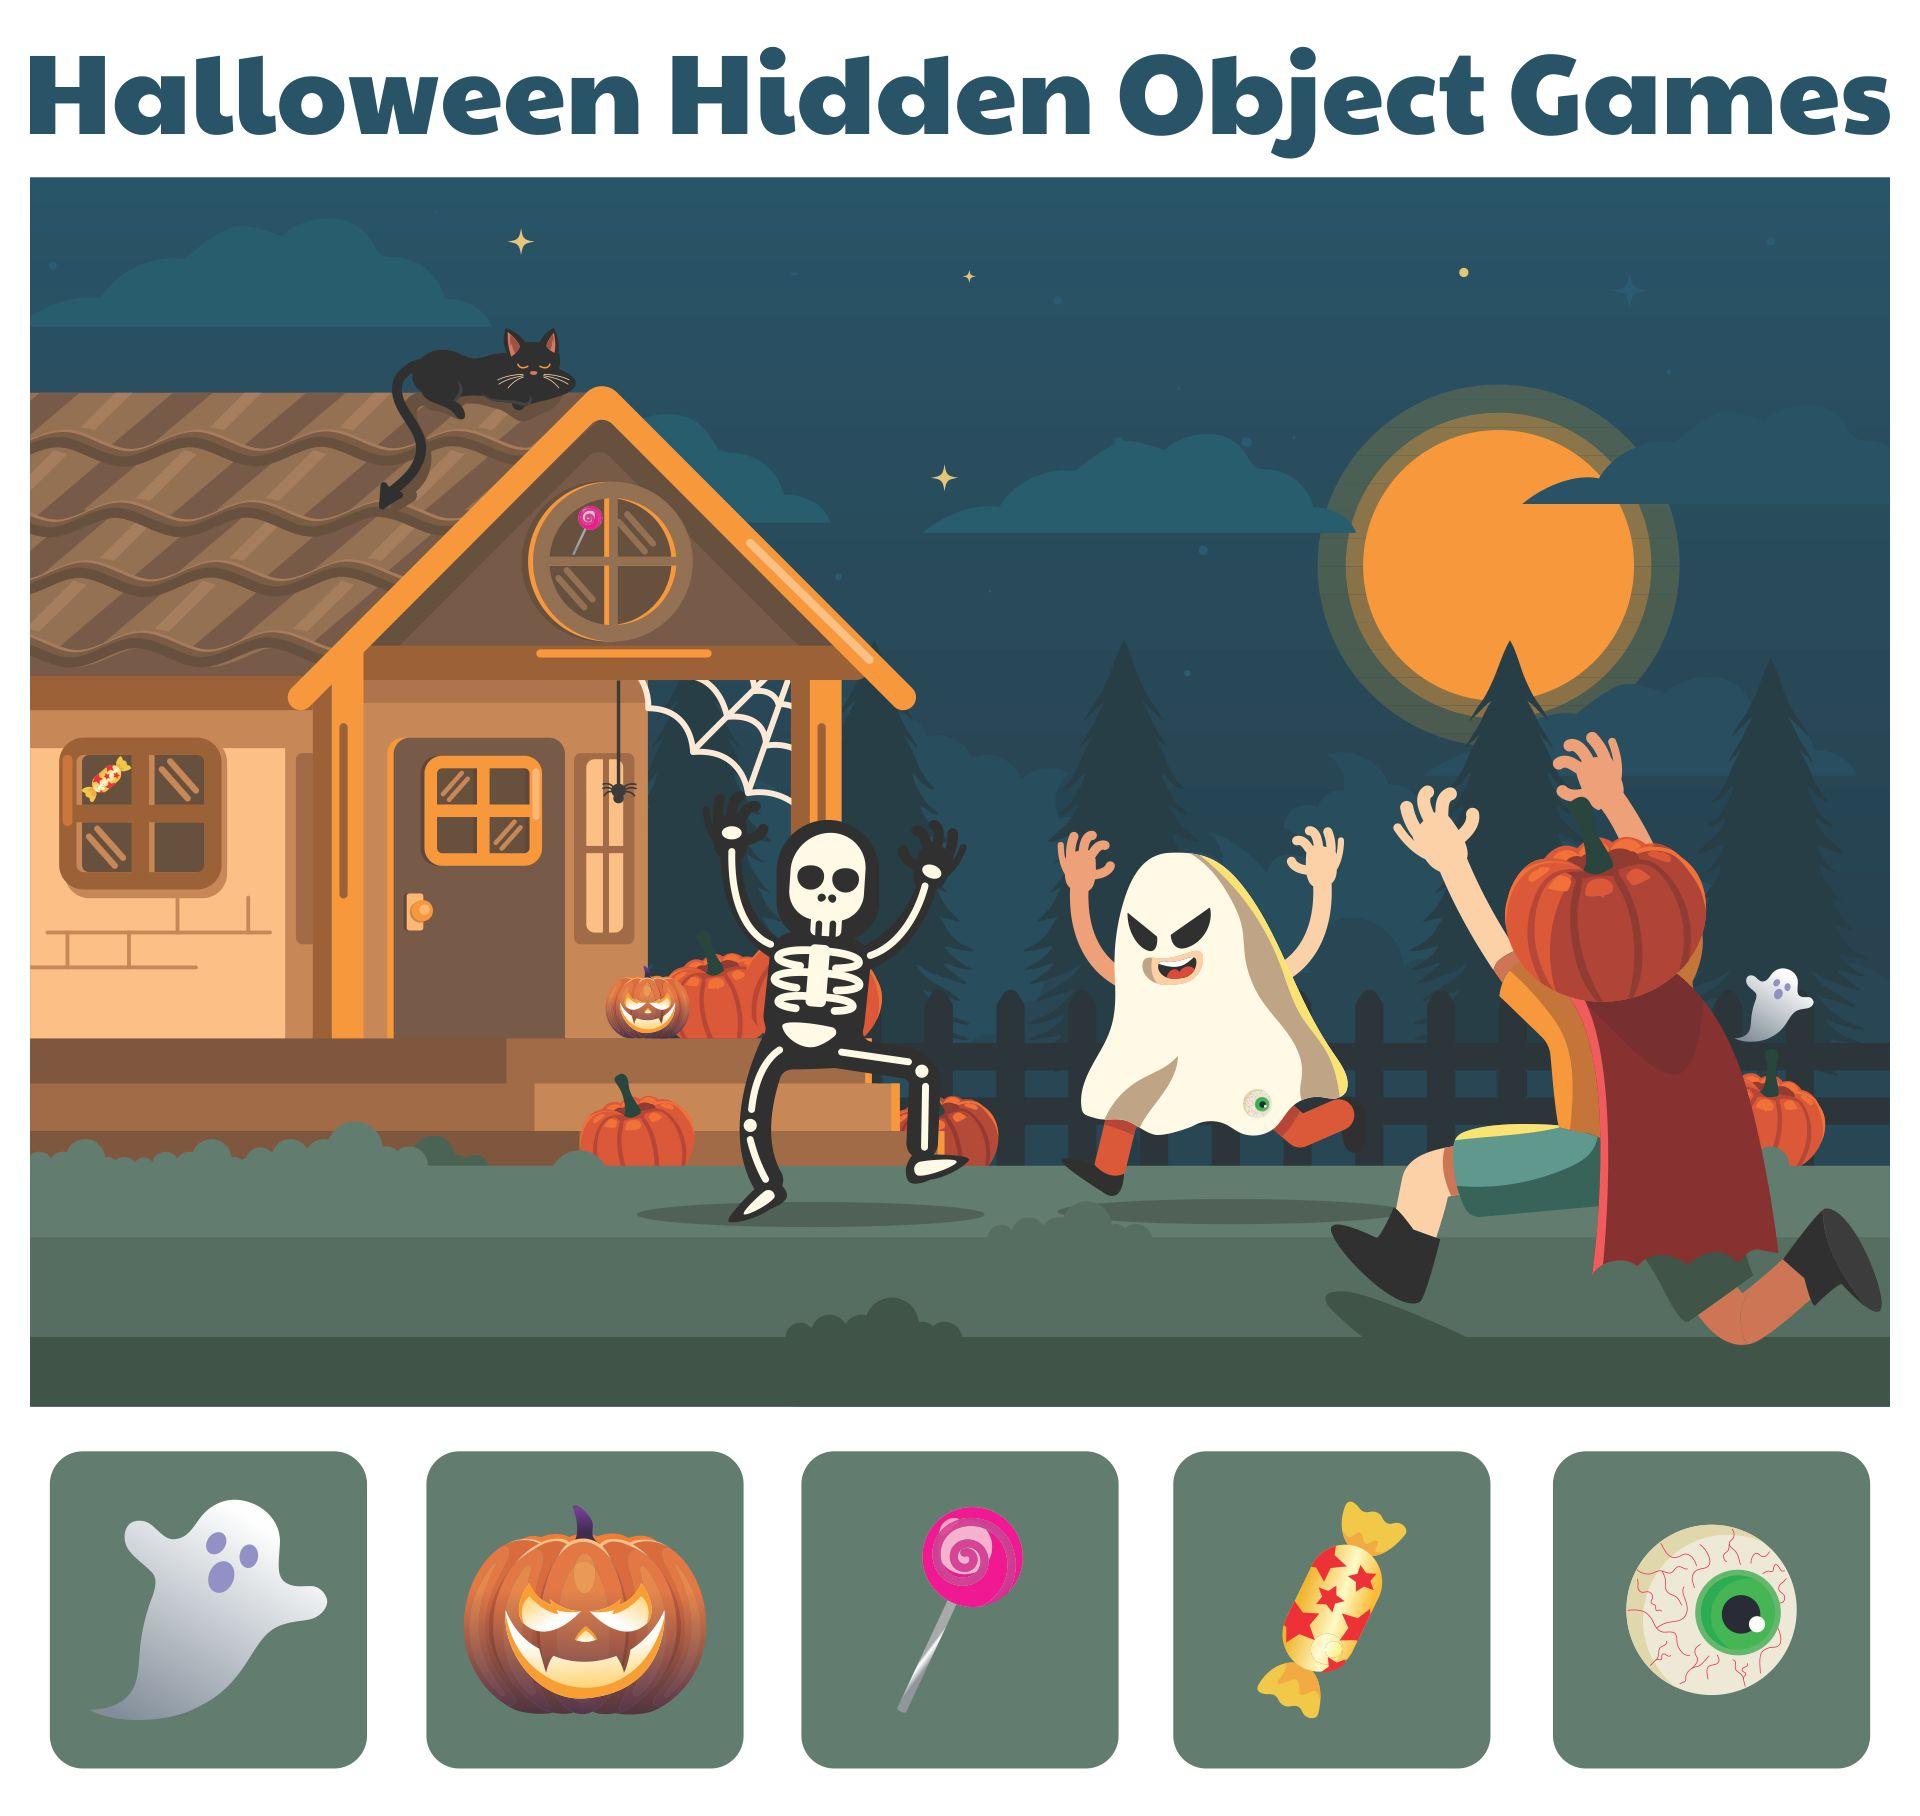 Halloween Hidden Object Games